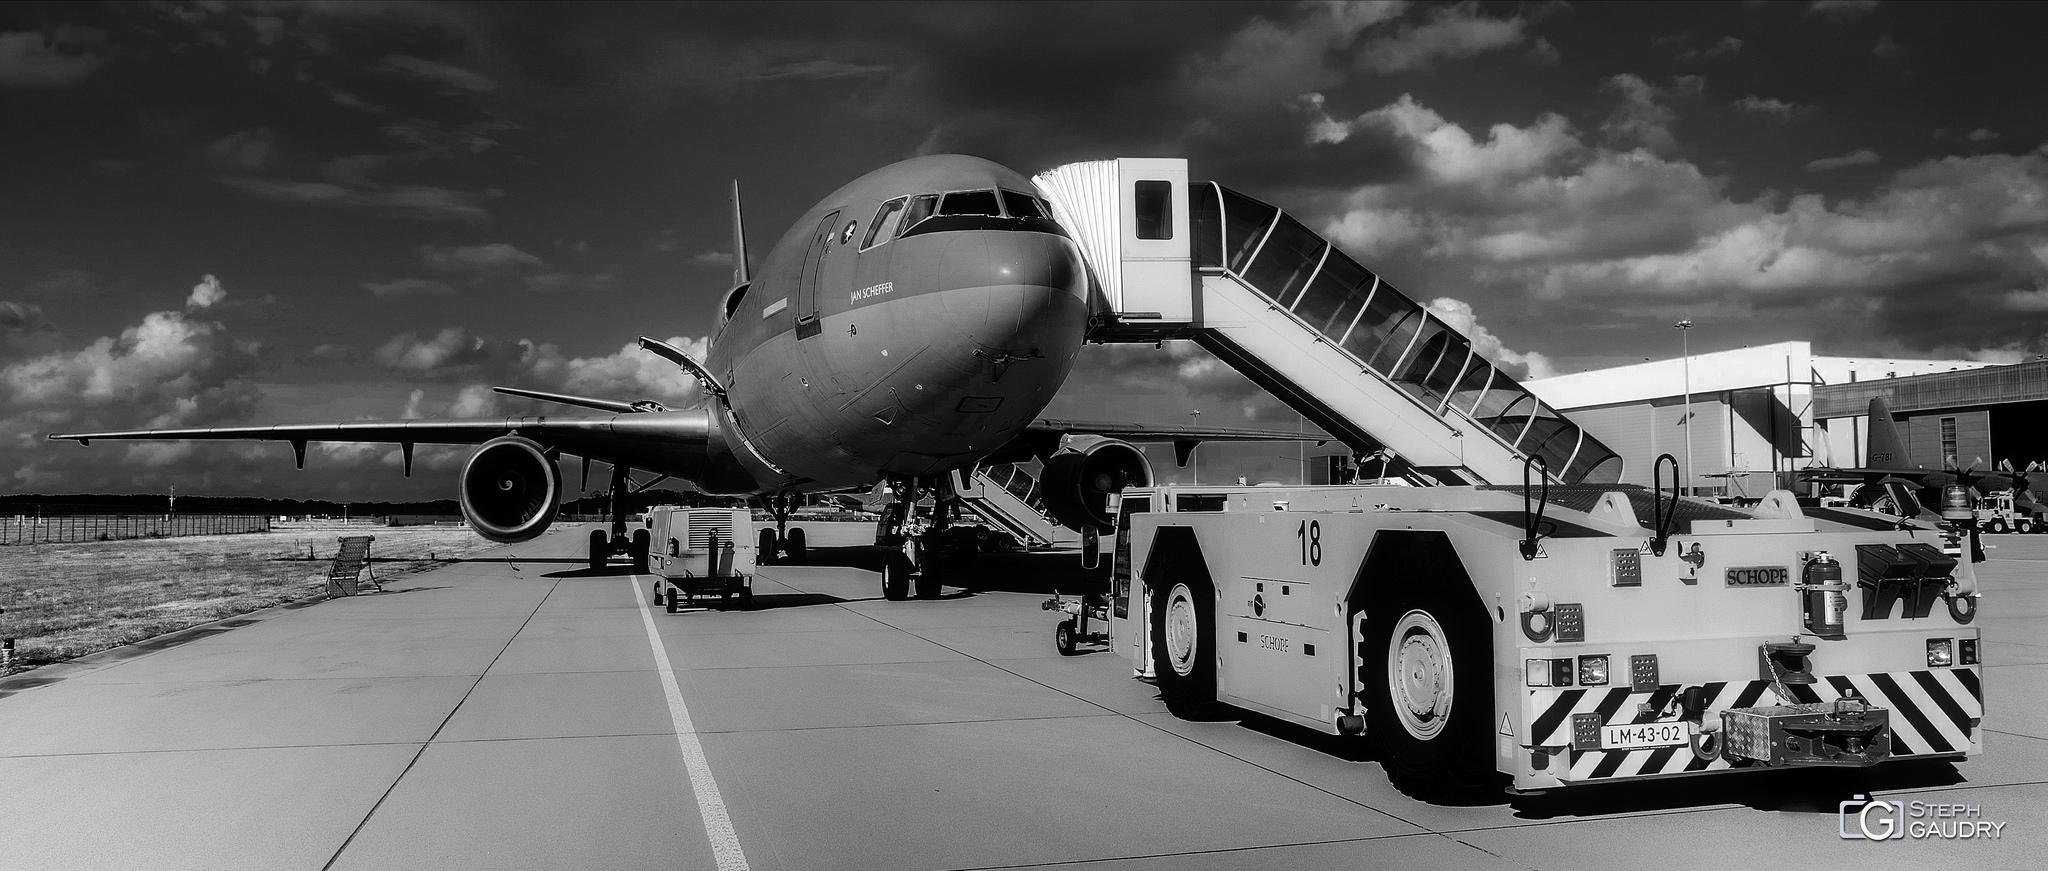 Eindhoven airport (NL), McDonnell Douglas KDC-10 [Cliquez pour lancer le diaporama]